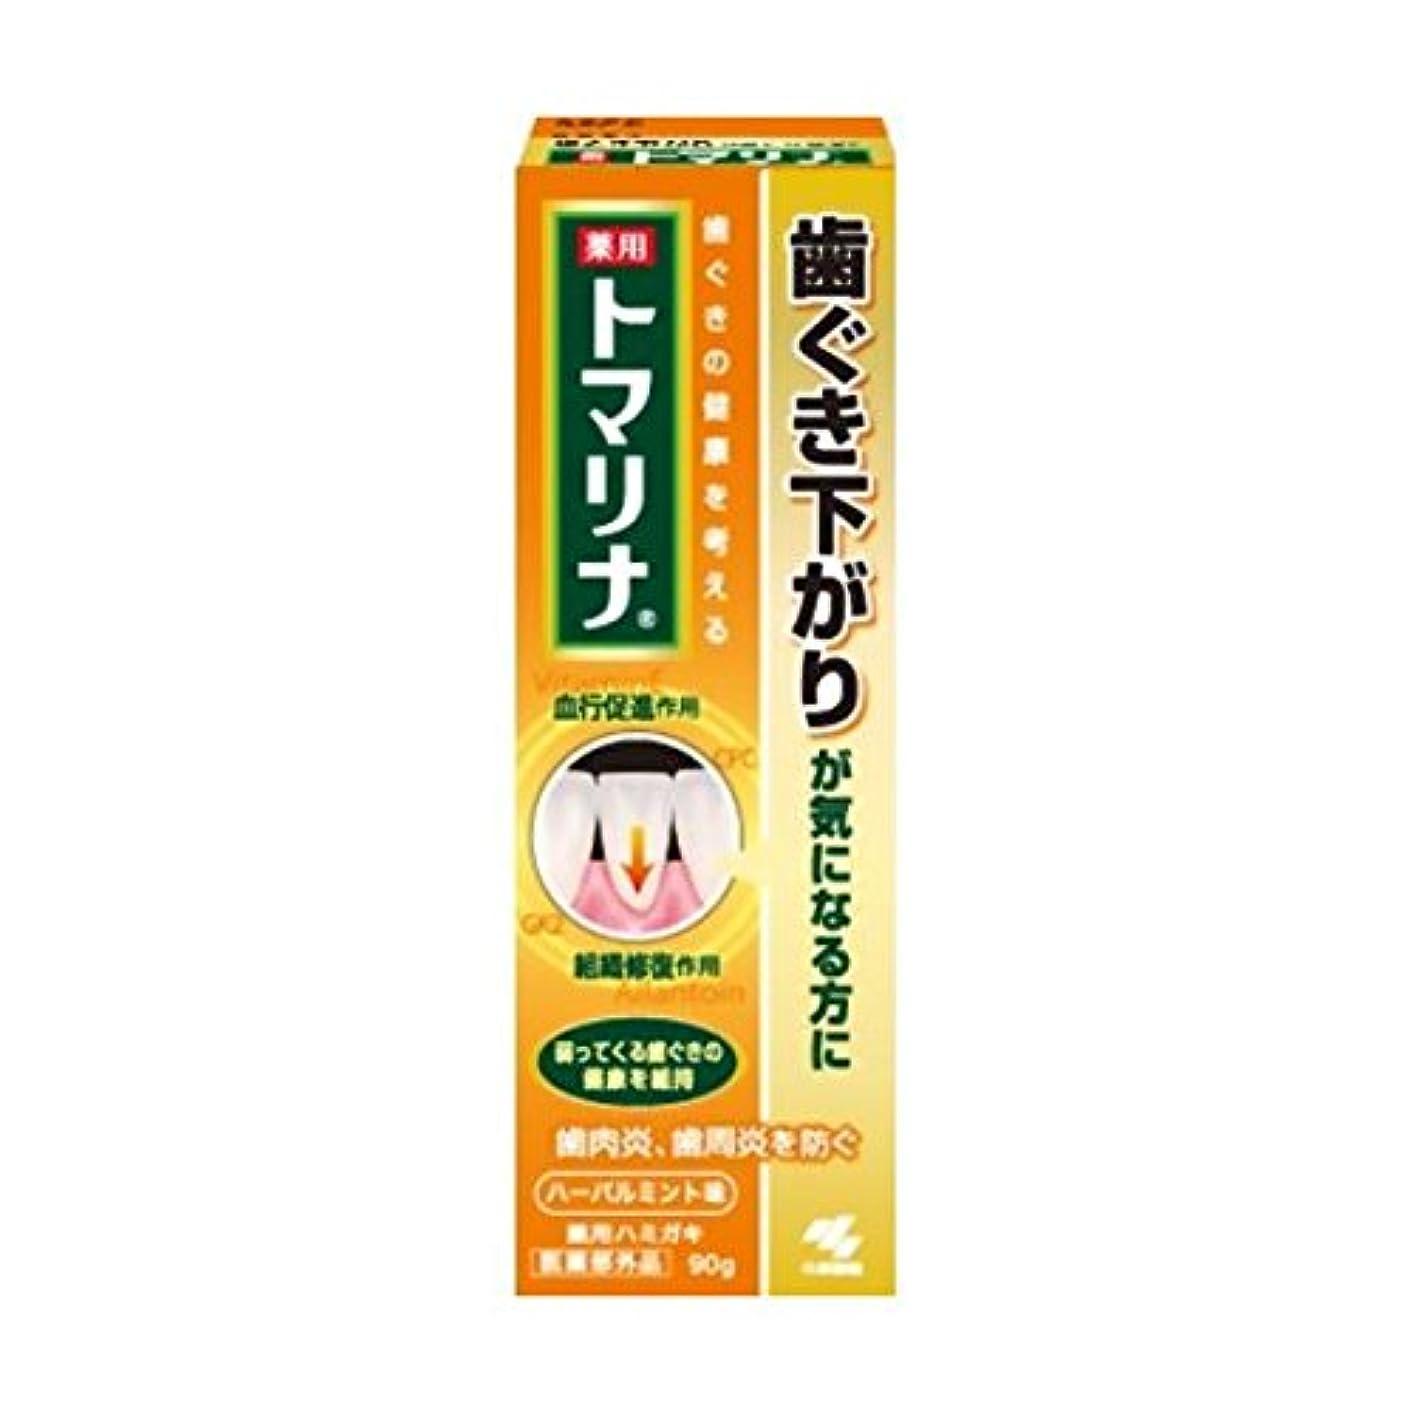 用量年次ずっと【お徳用 4 セット】 薬用トマリナ 90g×4セット